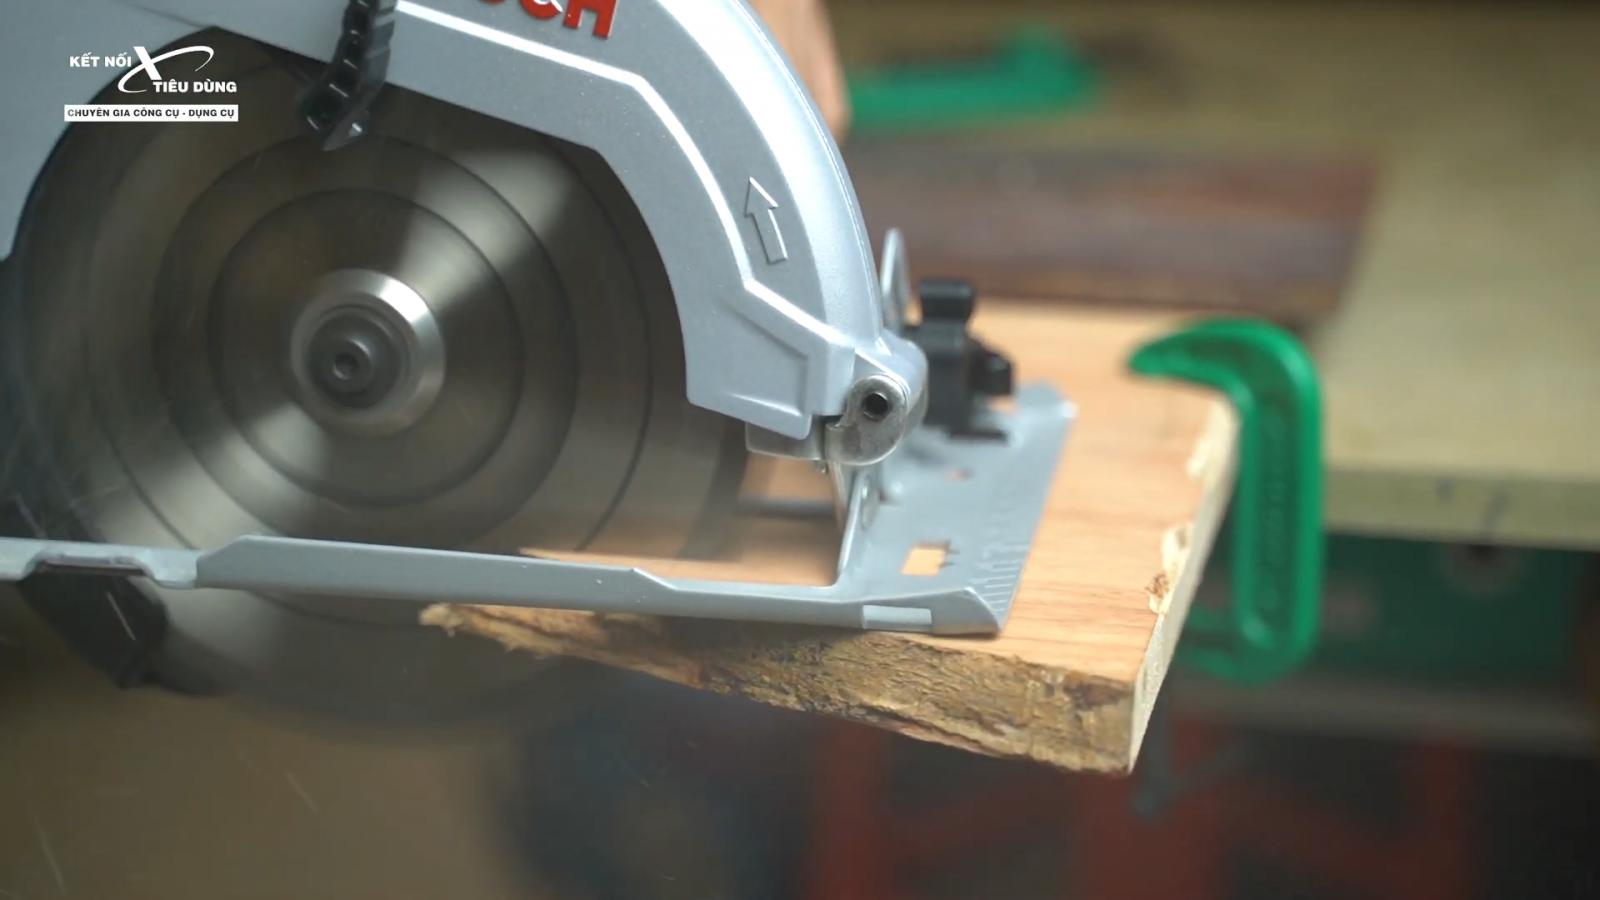 Review máy cưa đĩa rẻ nhất của Bosch - GSK 7000: chất lượng tốt, cưa êm, đường cưa mịn, độ hoàn thiện cao - ưu điểm nổi bật của máy cưa đĩa